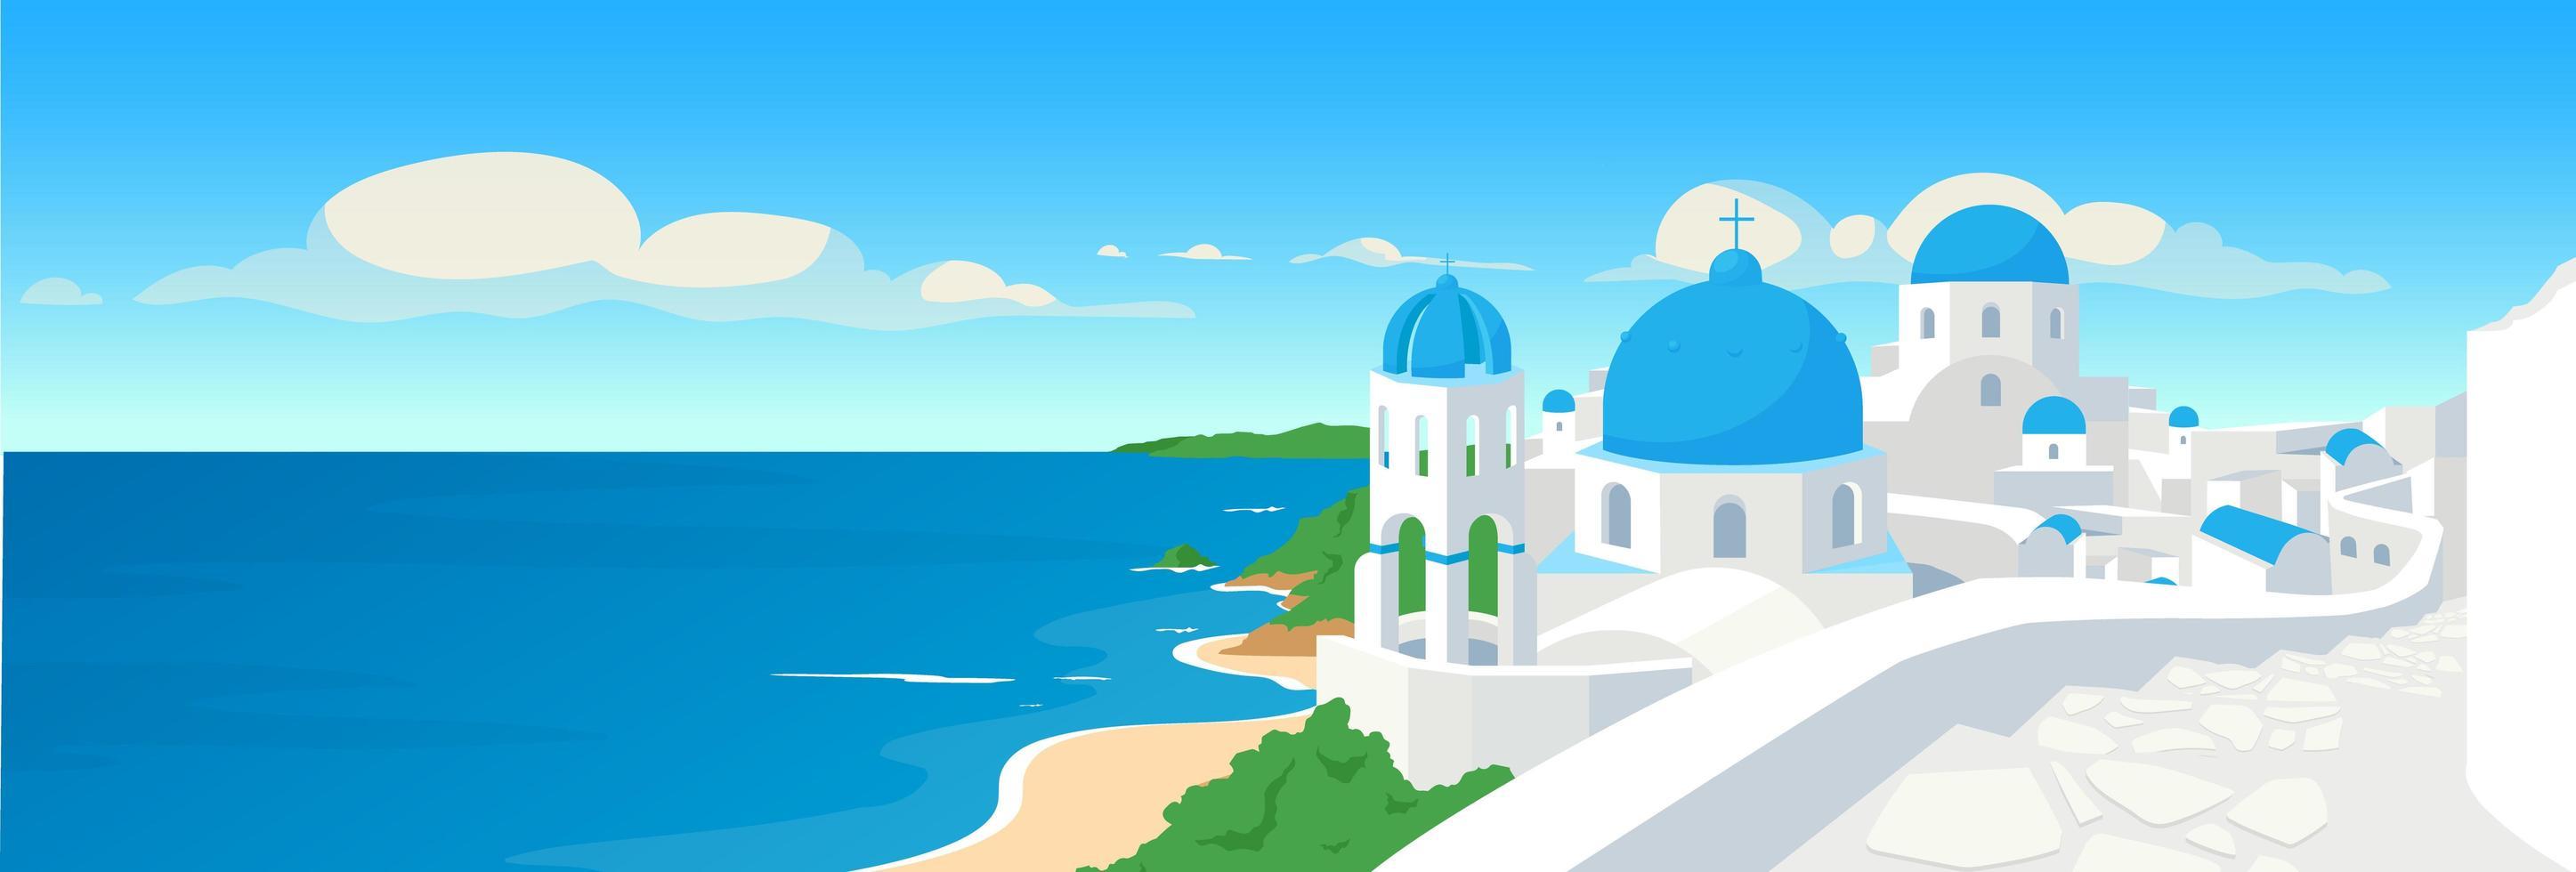 grekisk kuststad platt färg vektorillustration vektor